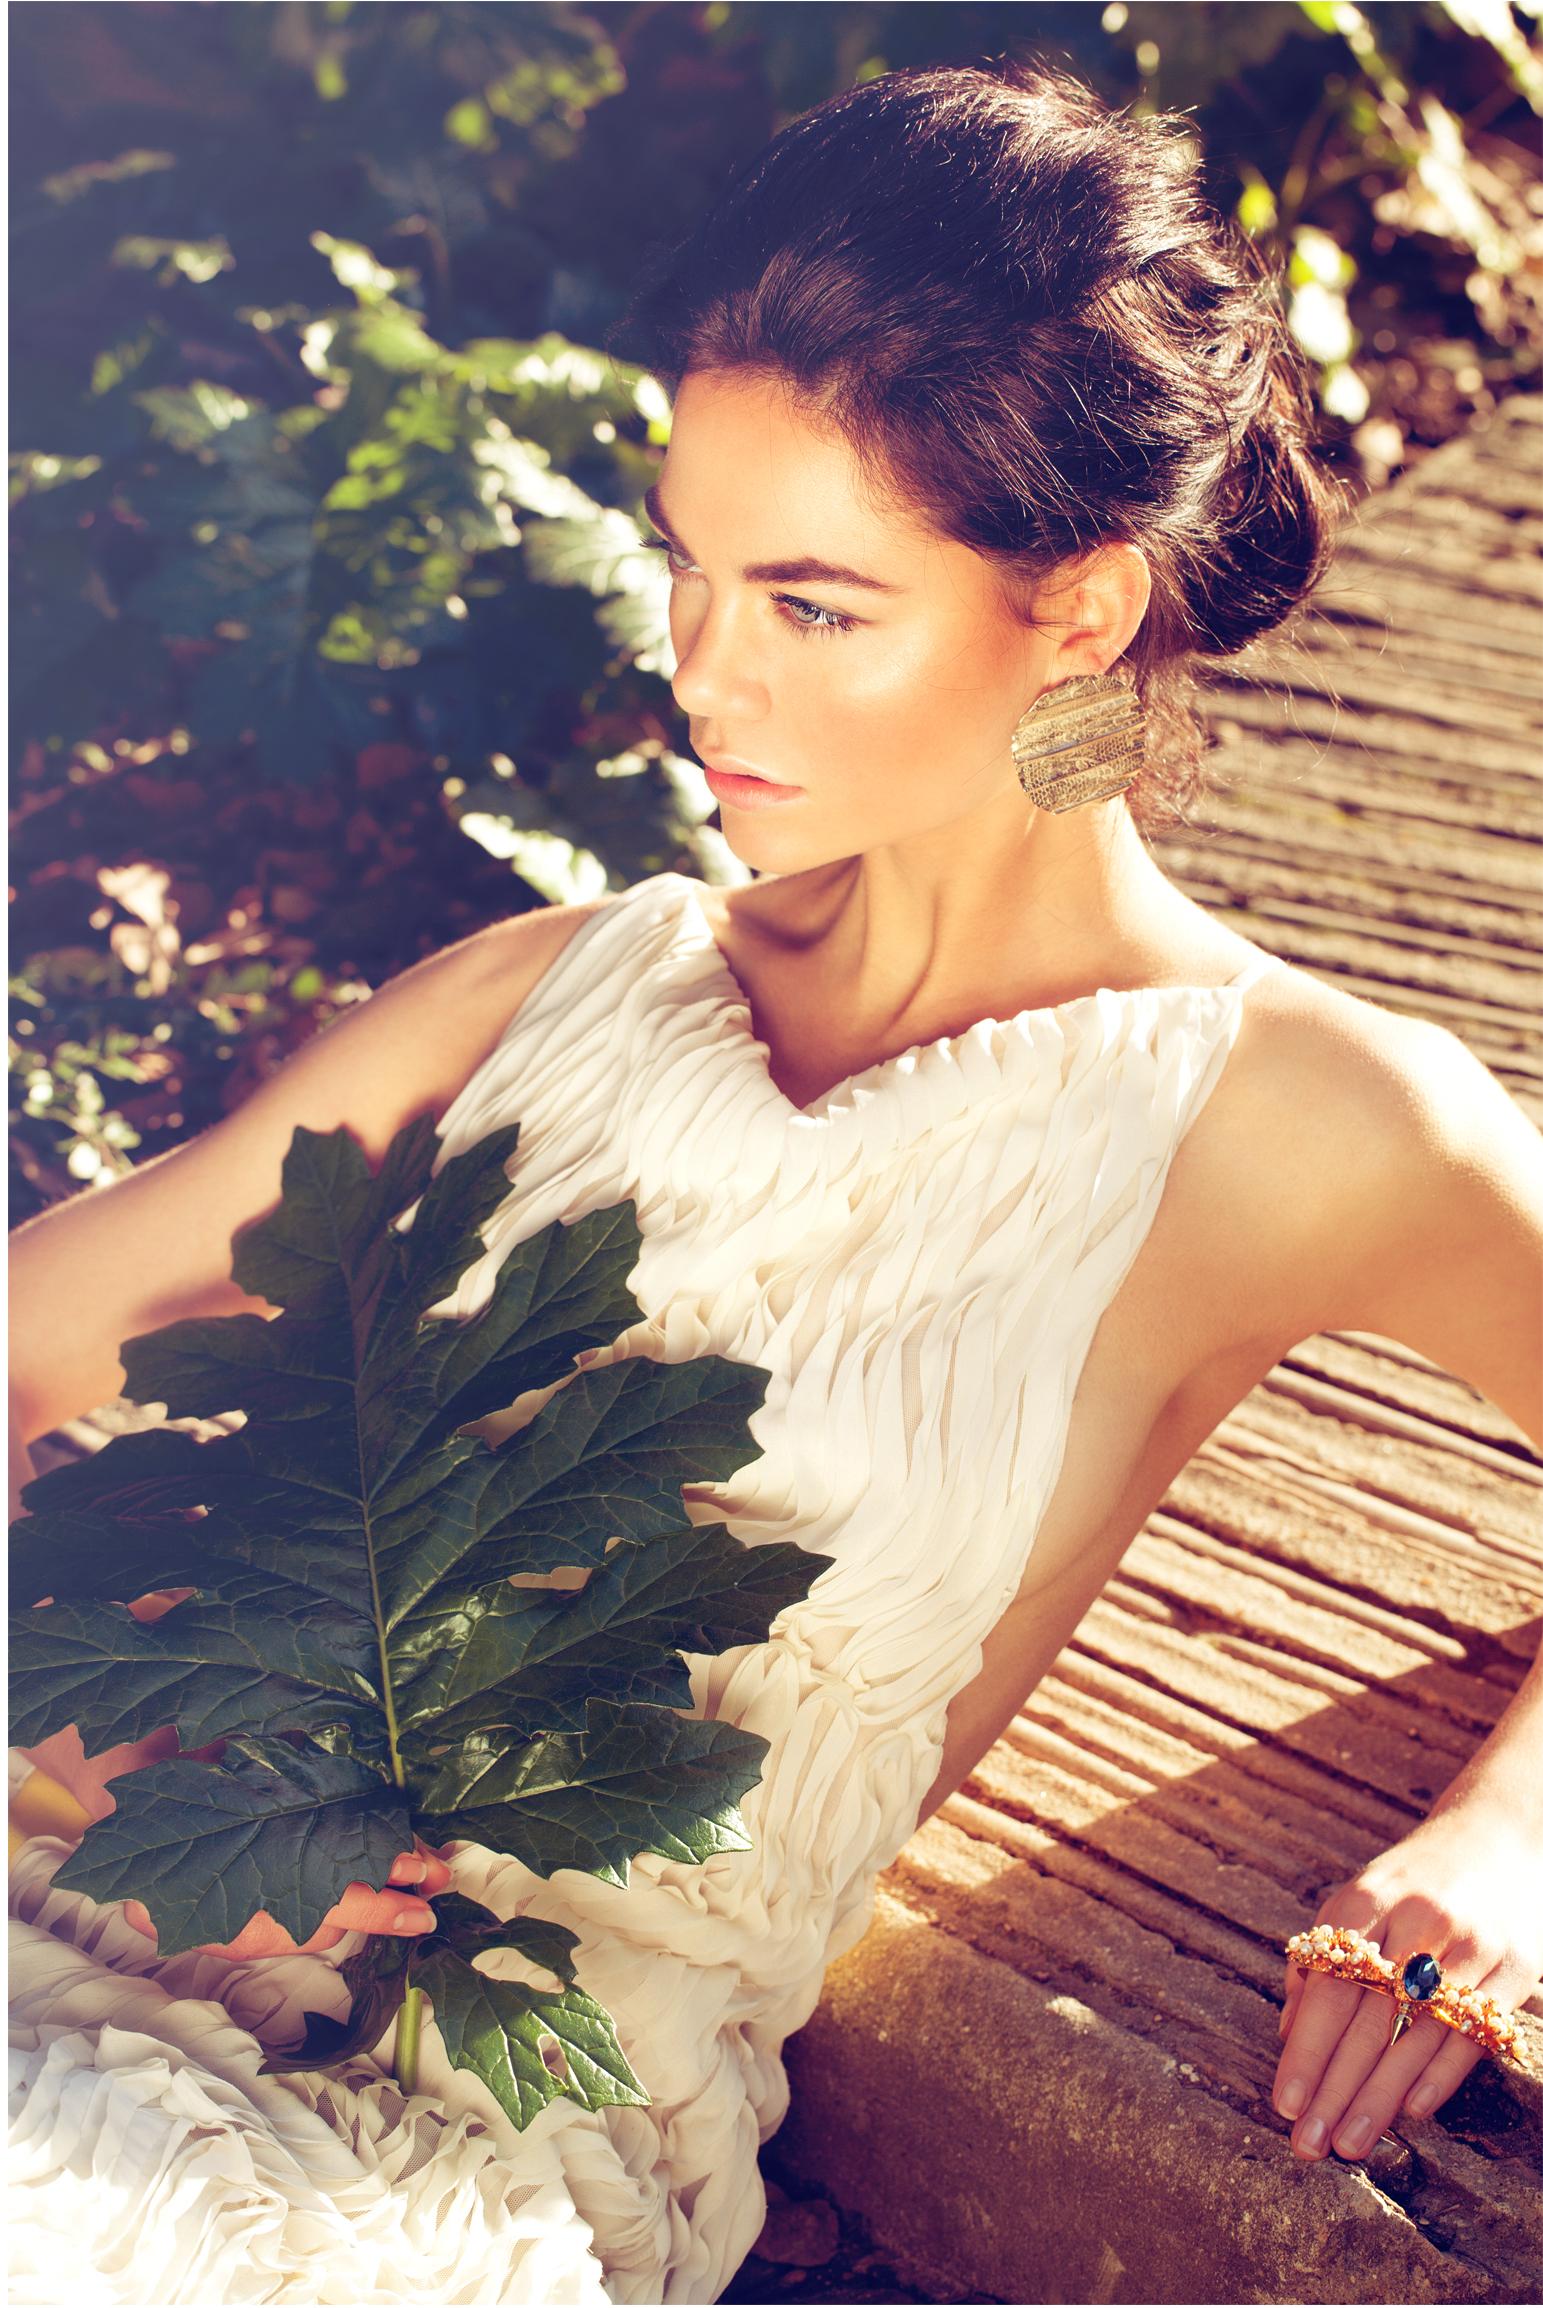 Tara ziegfield- clara jasmine